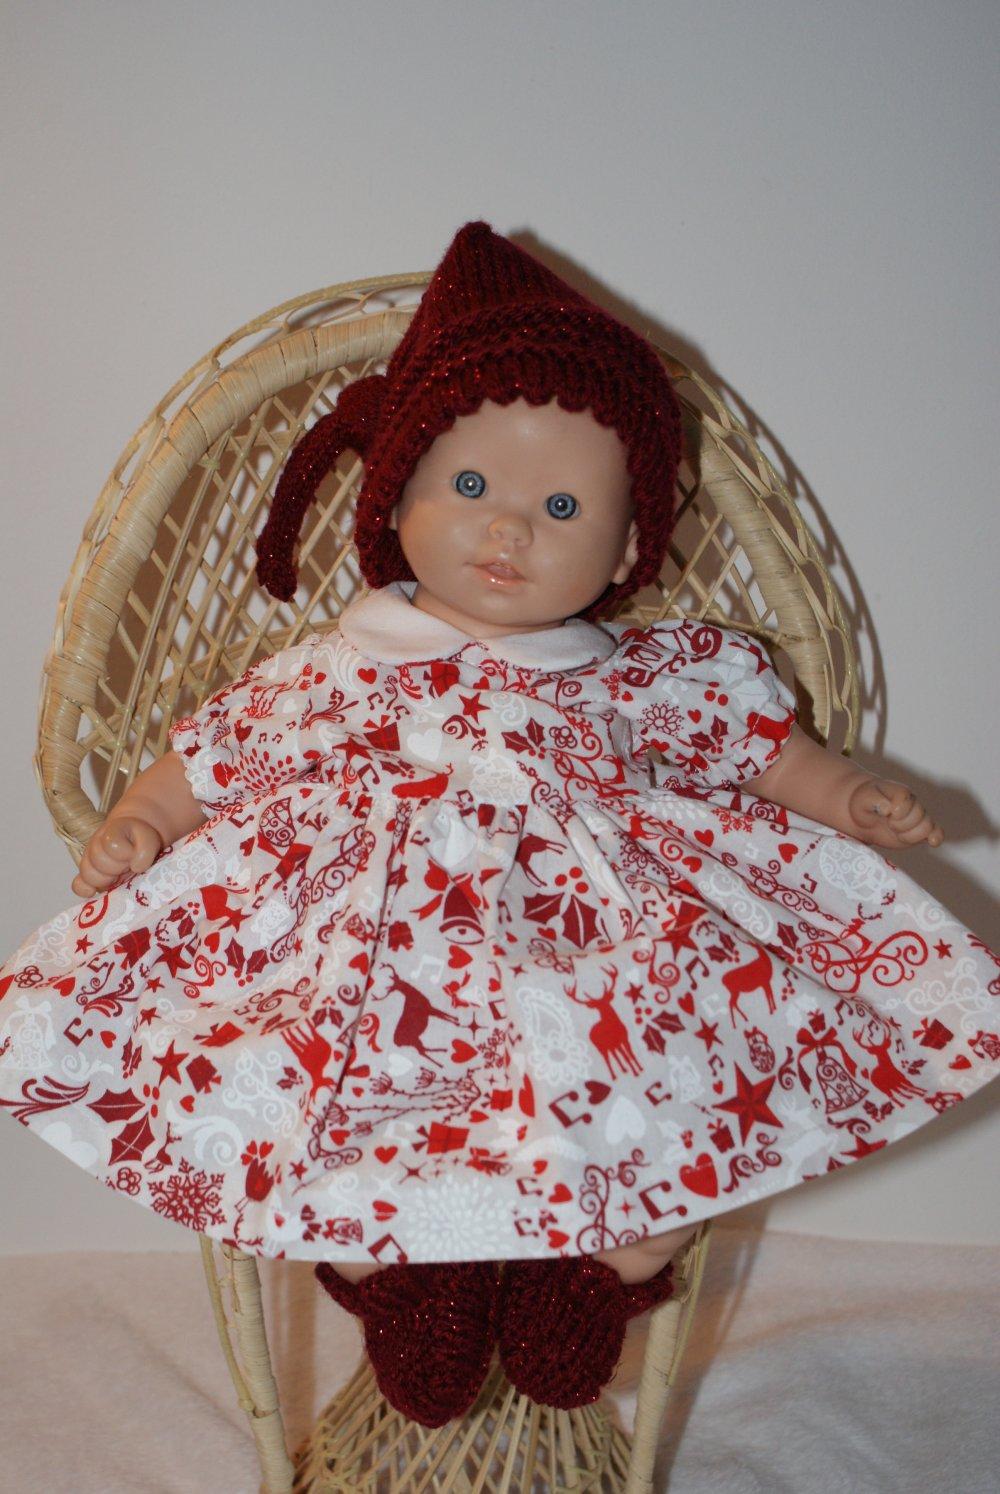 vêtement pour poupon 30 cm robe rouge et bordeaux theme Noel avec bonnet lutin rouge